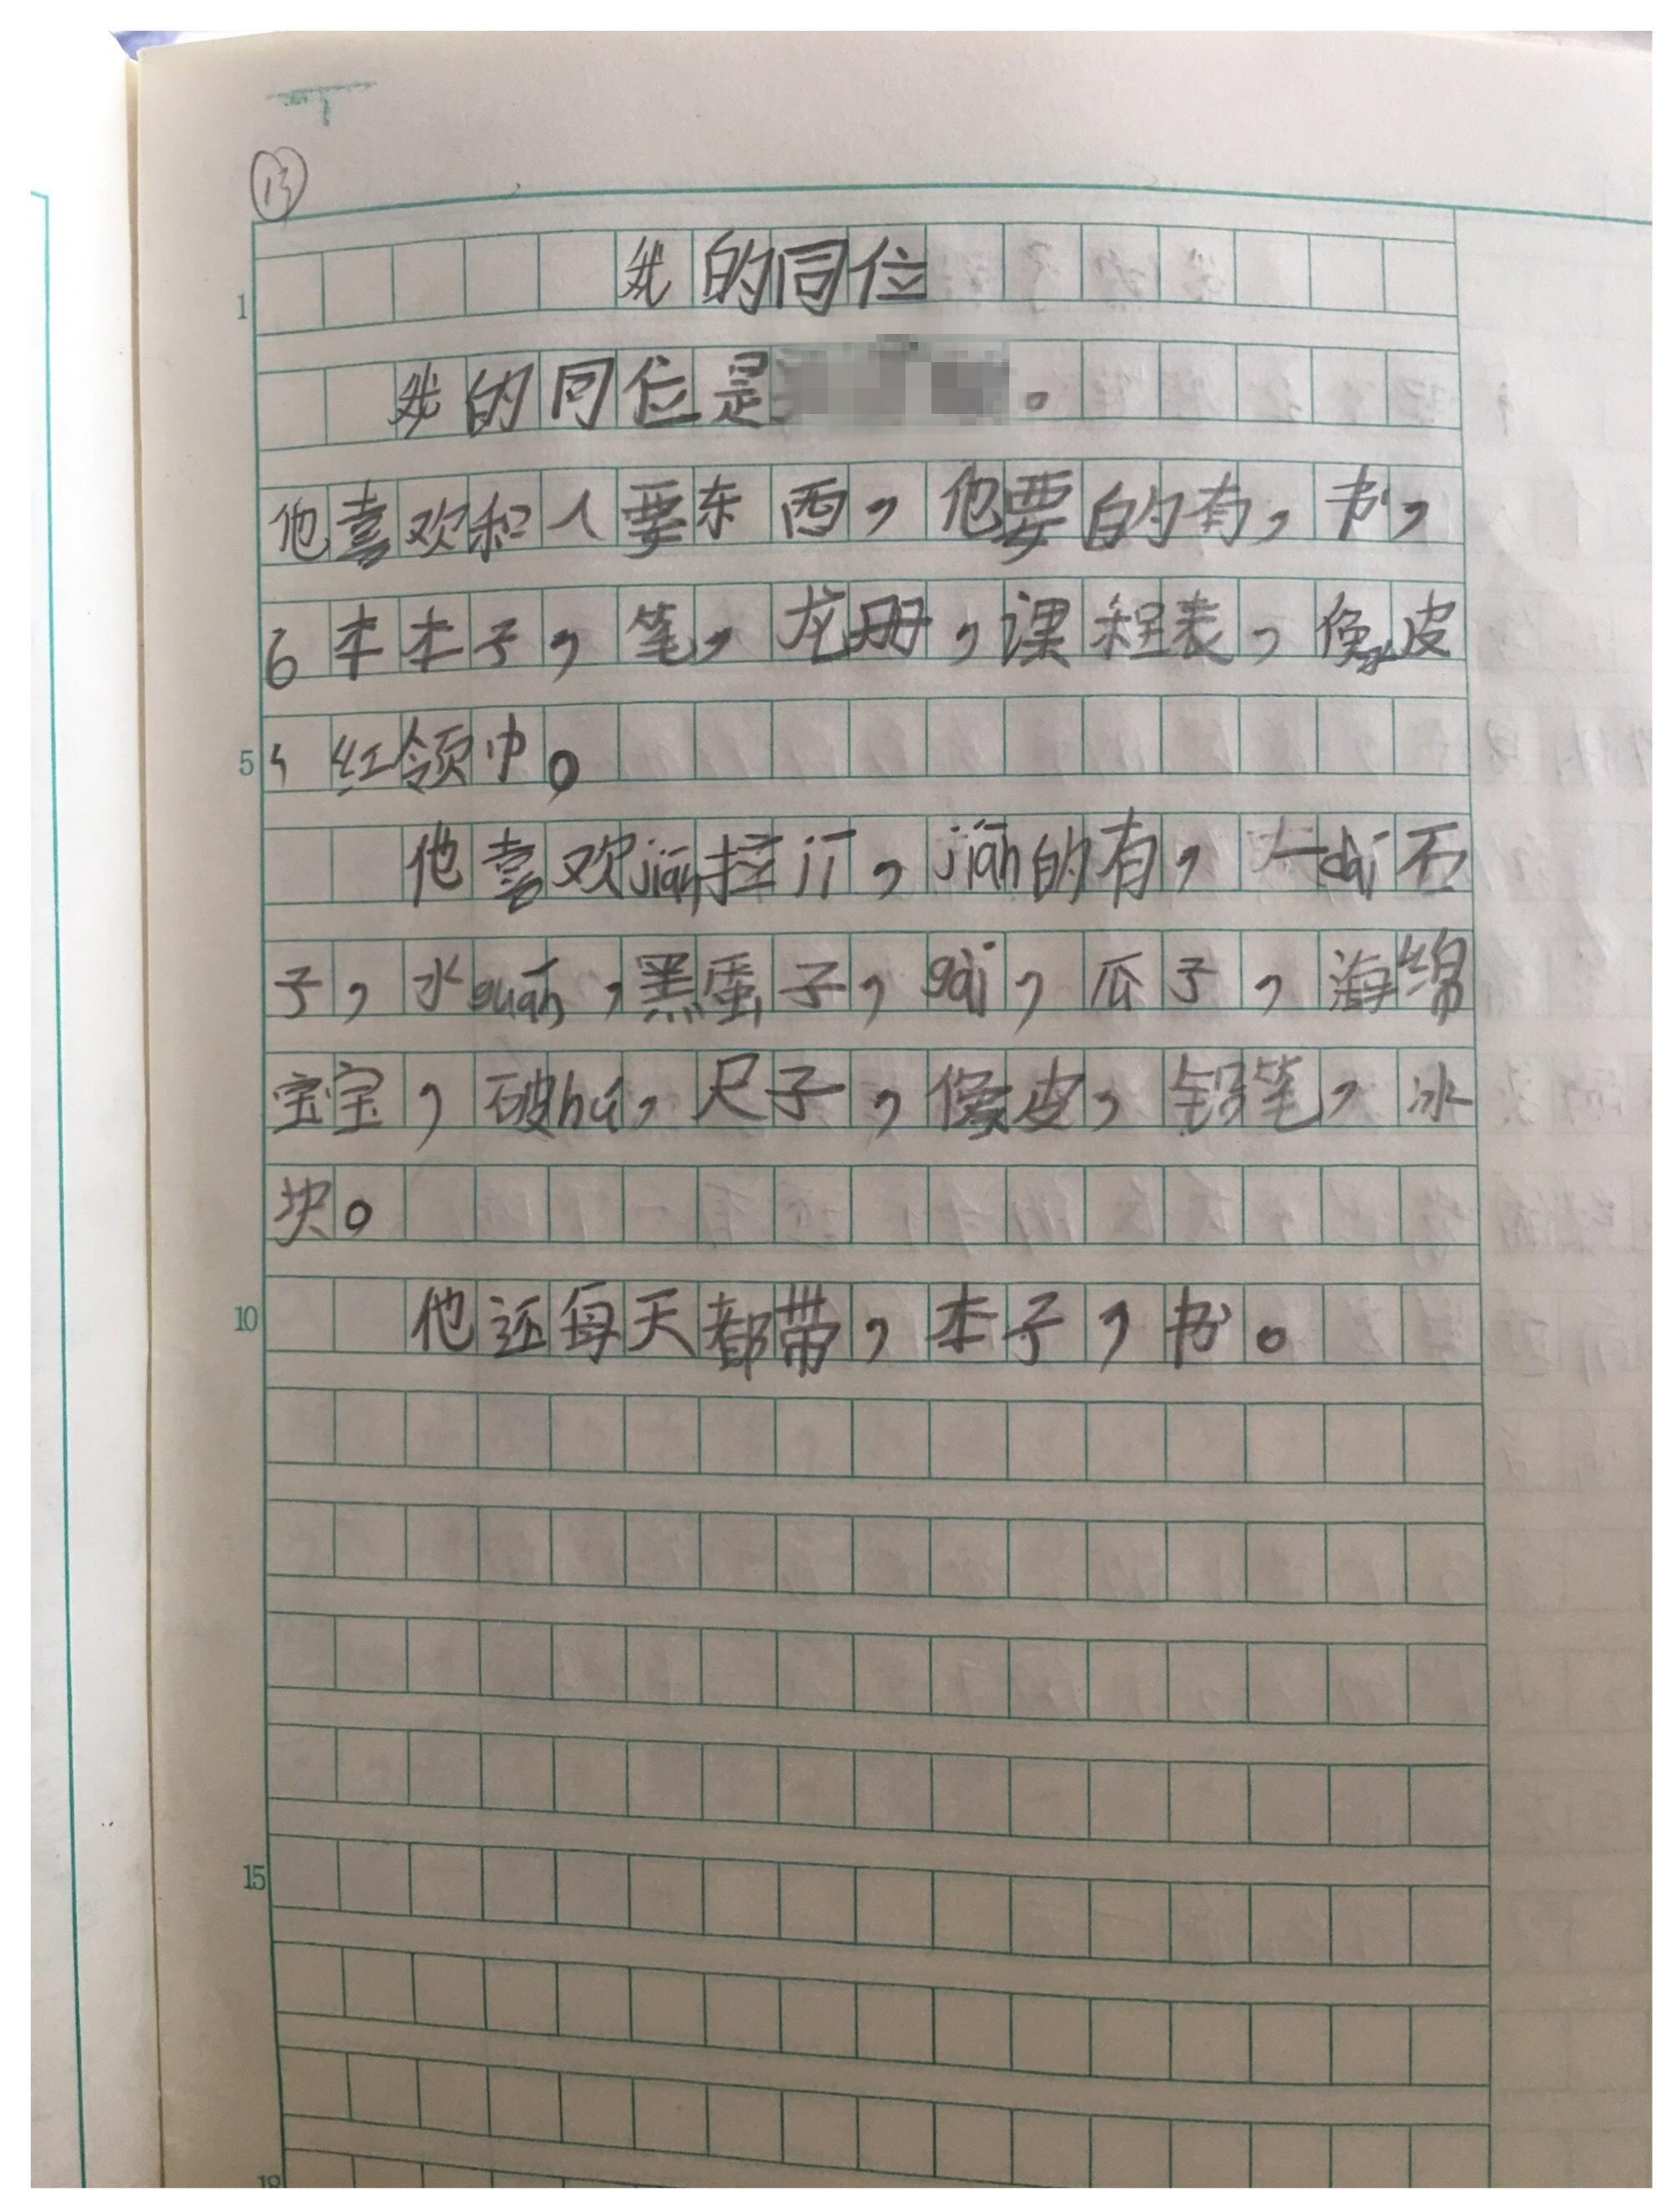 > 寒假日记五十字_寒假日记100字  三年级寒假女孩日记50字 400x300